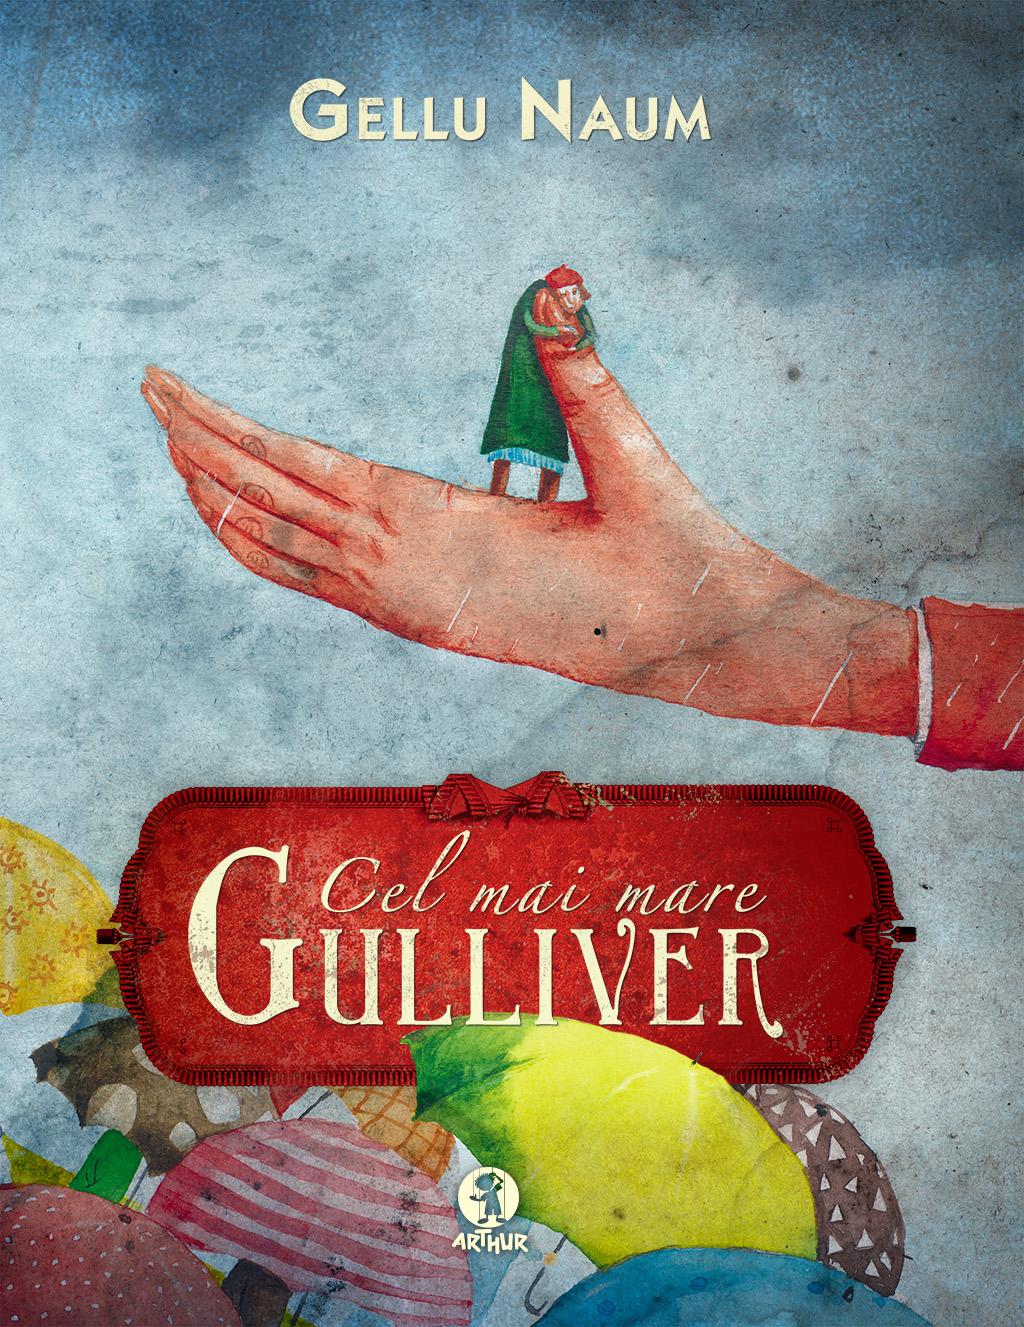 Cel mai mare Gulliver, de Gellu Naum. Prima republicare după 55 de ani